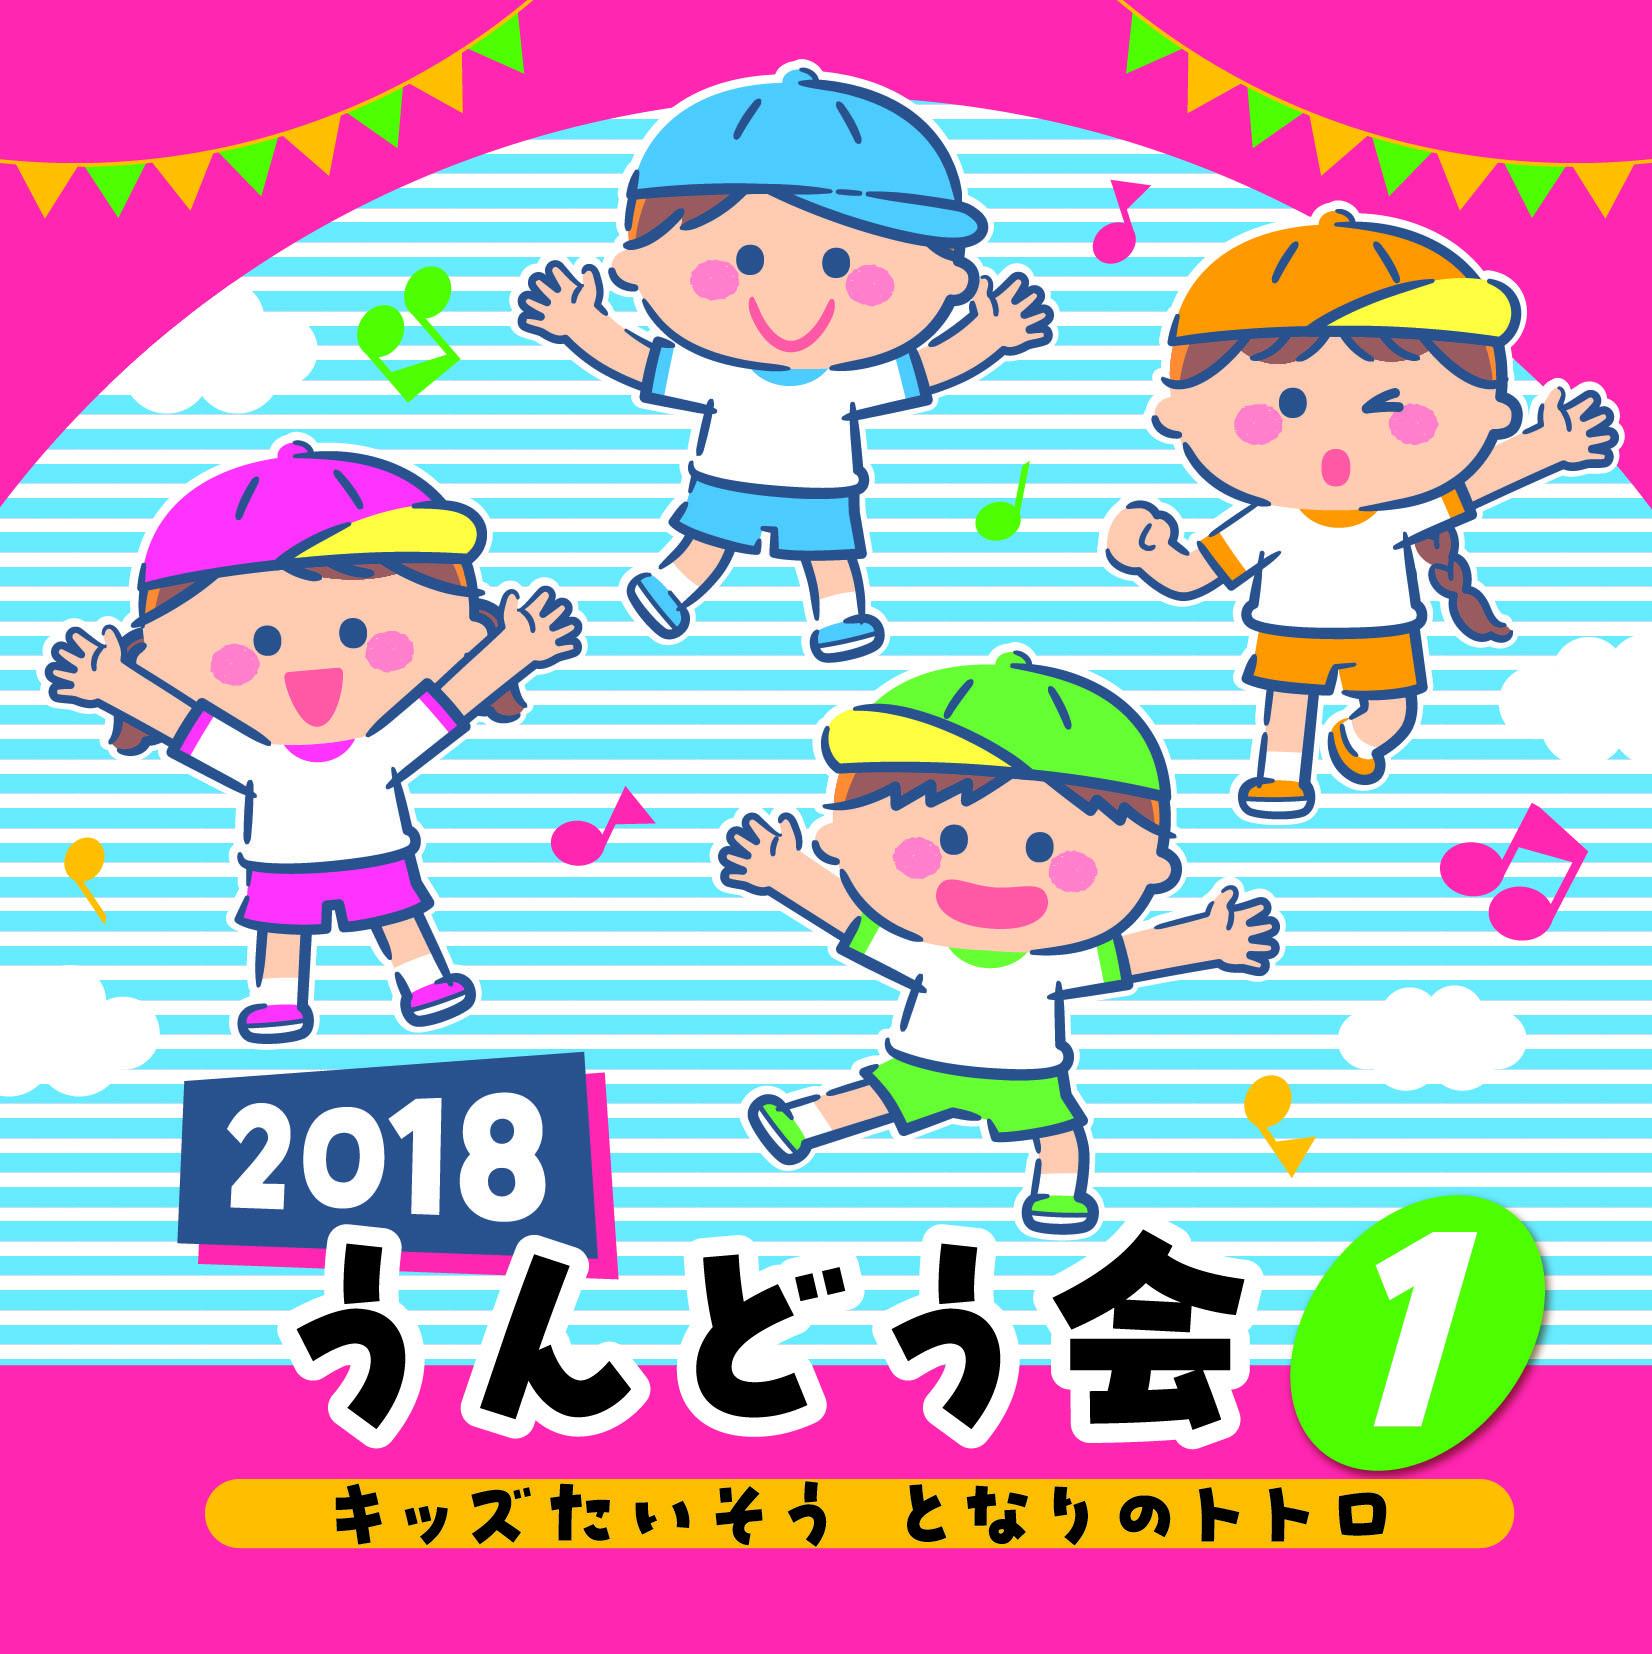 2018うんどう会(1)キッズたいそう